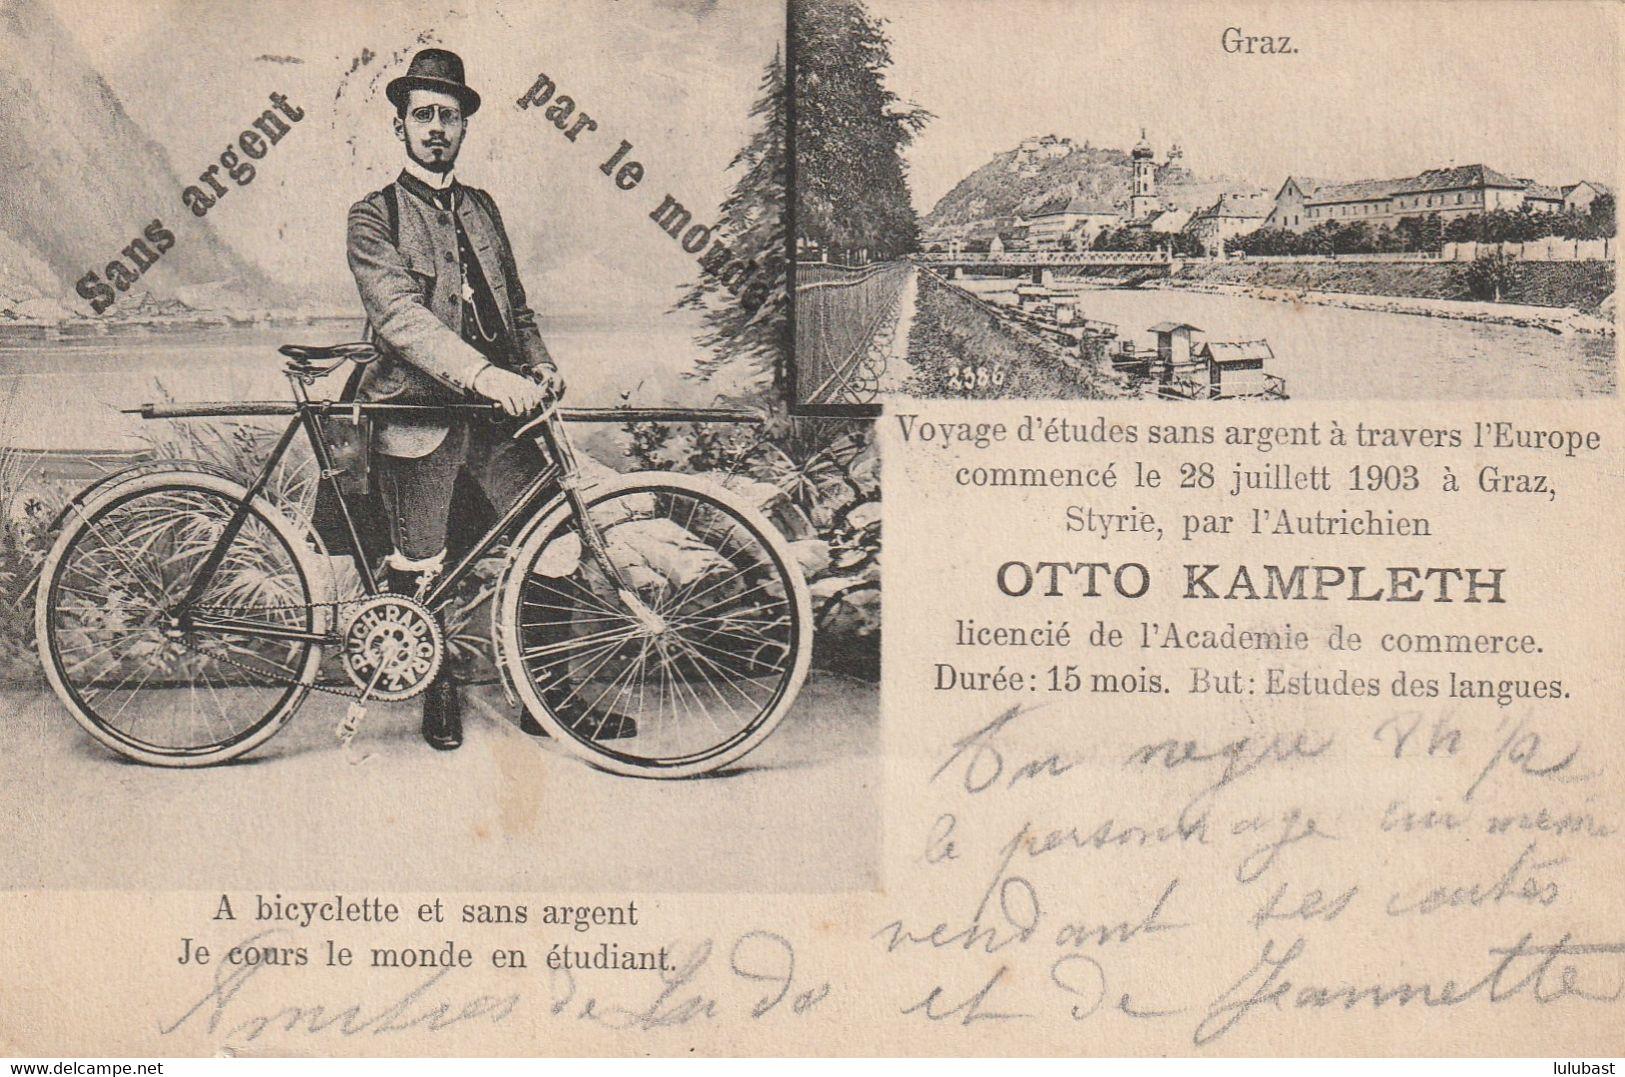 """GRAZ : """"A Bicyclette Et Sans Argent, OTO KAMPLETH Court Le Monde En étudiant."""" Départ : 28 Juillet 1903. - Graz"""